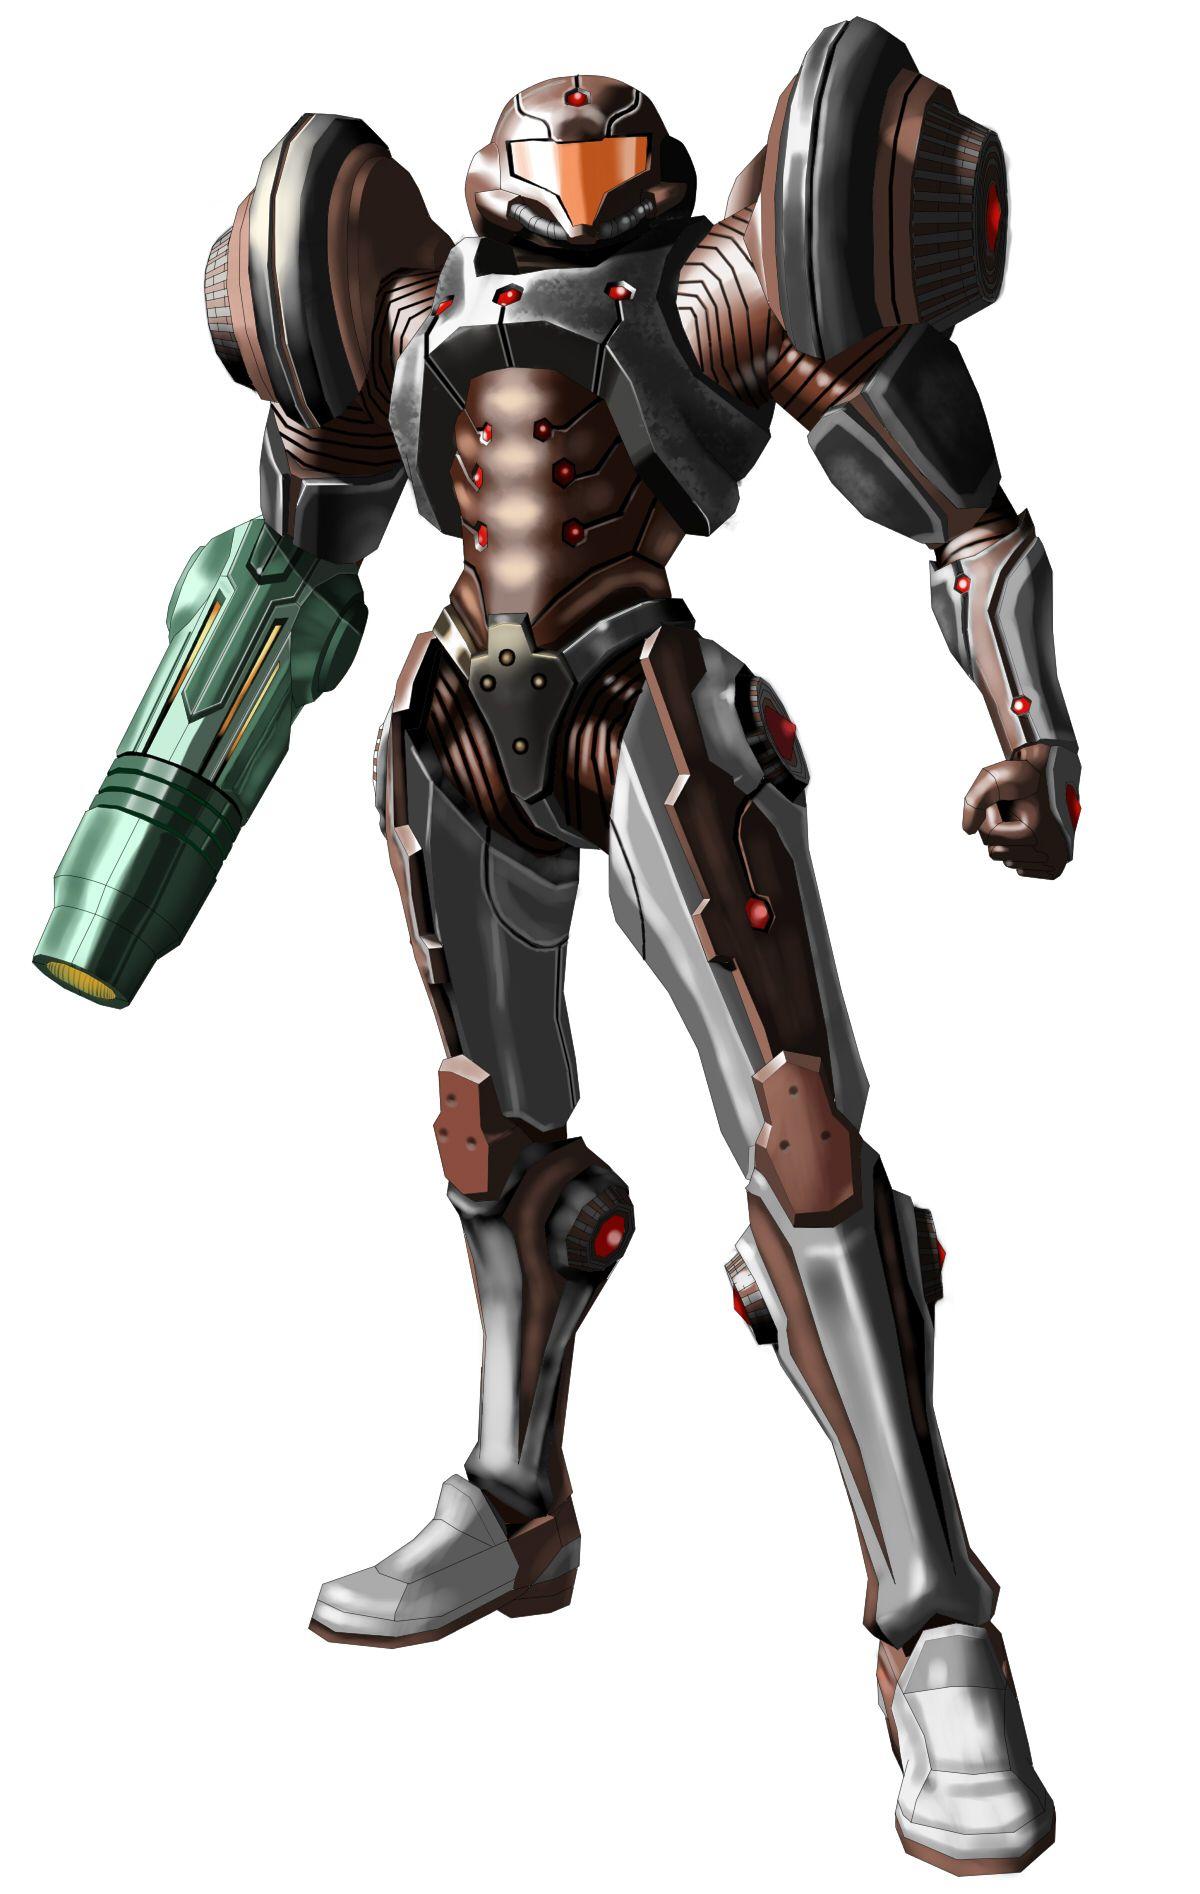 cool armor Personnages de jeu vidéo, Personnage de jeu, Aran